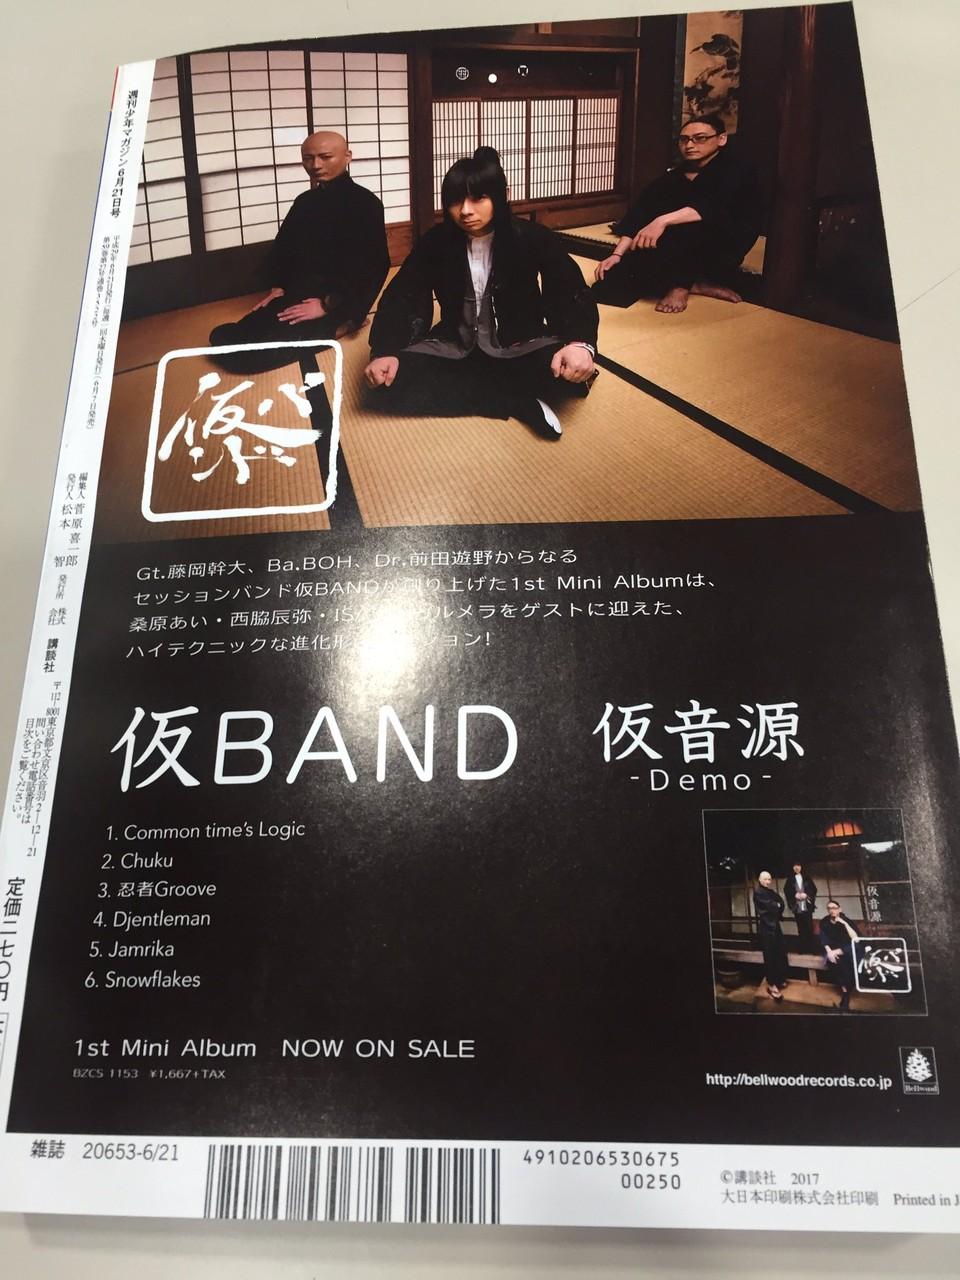 【エンタメ画像】少年マガジンの裏表紙の広告が仮バンド☆